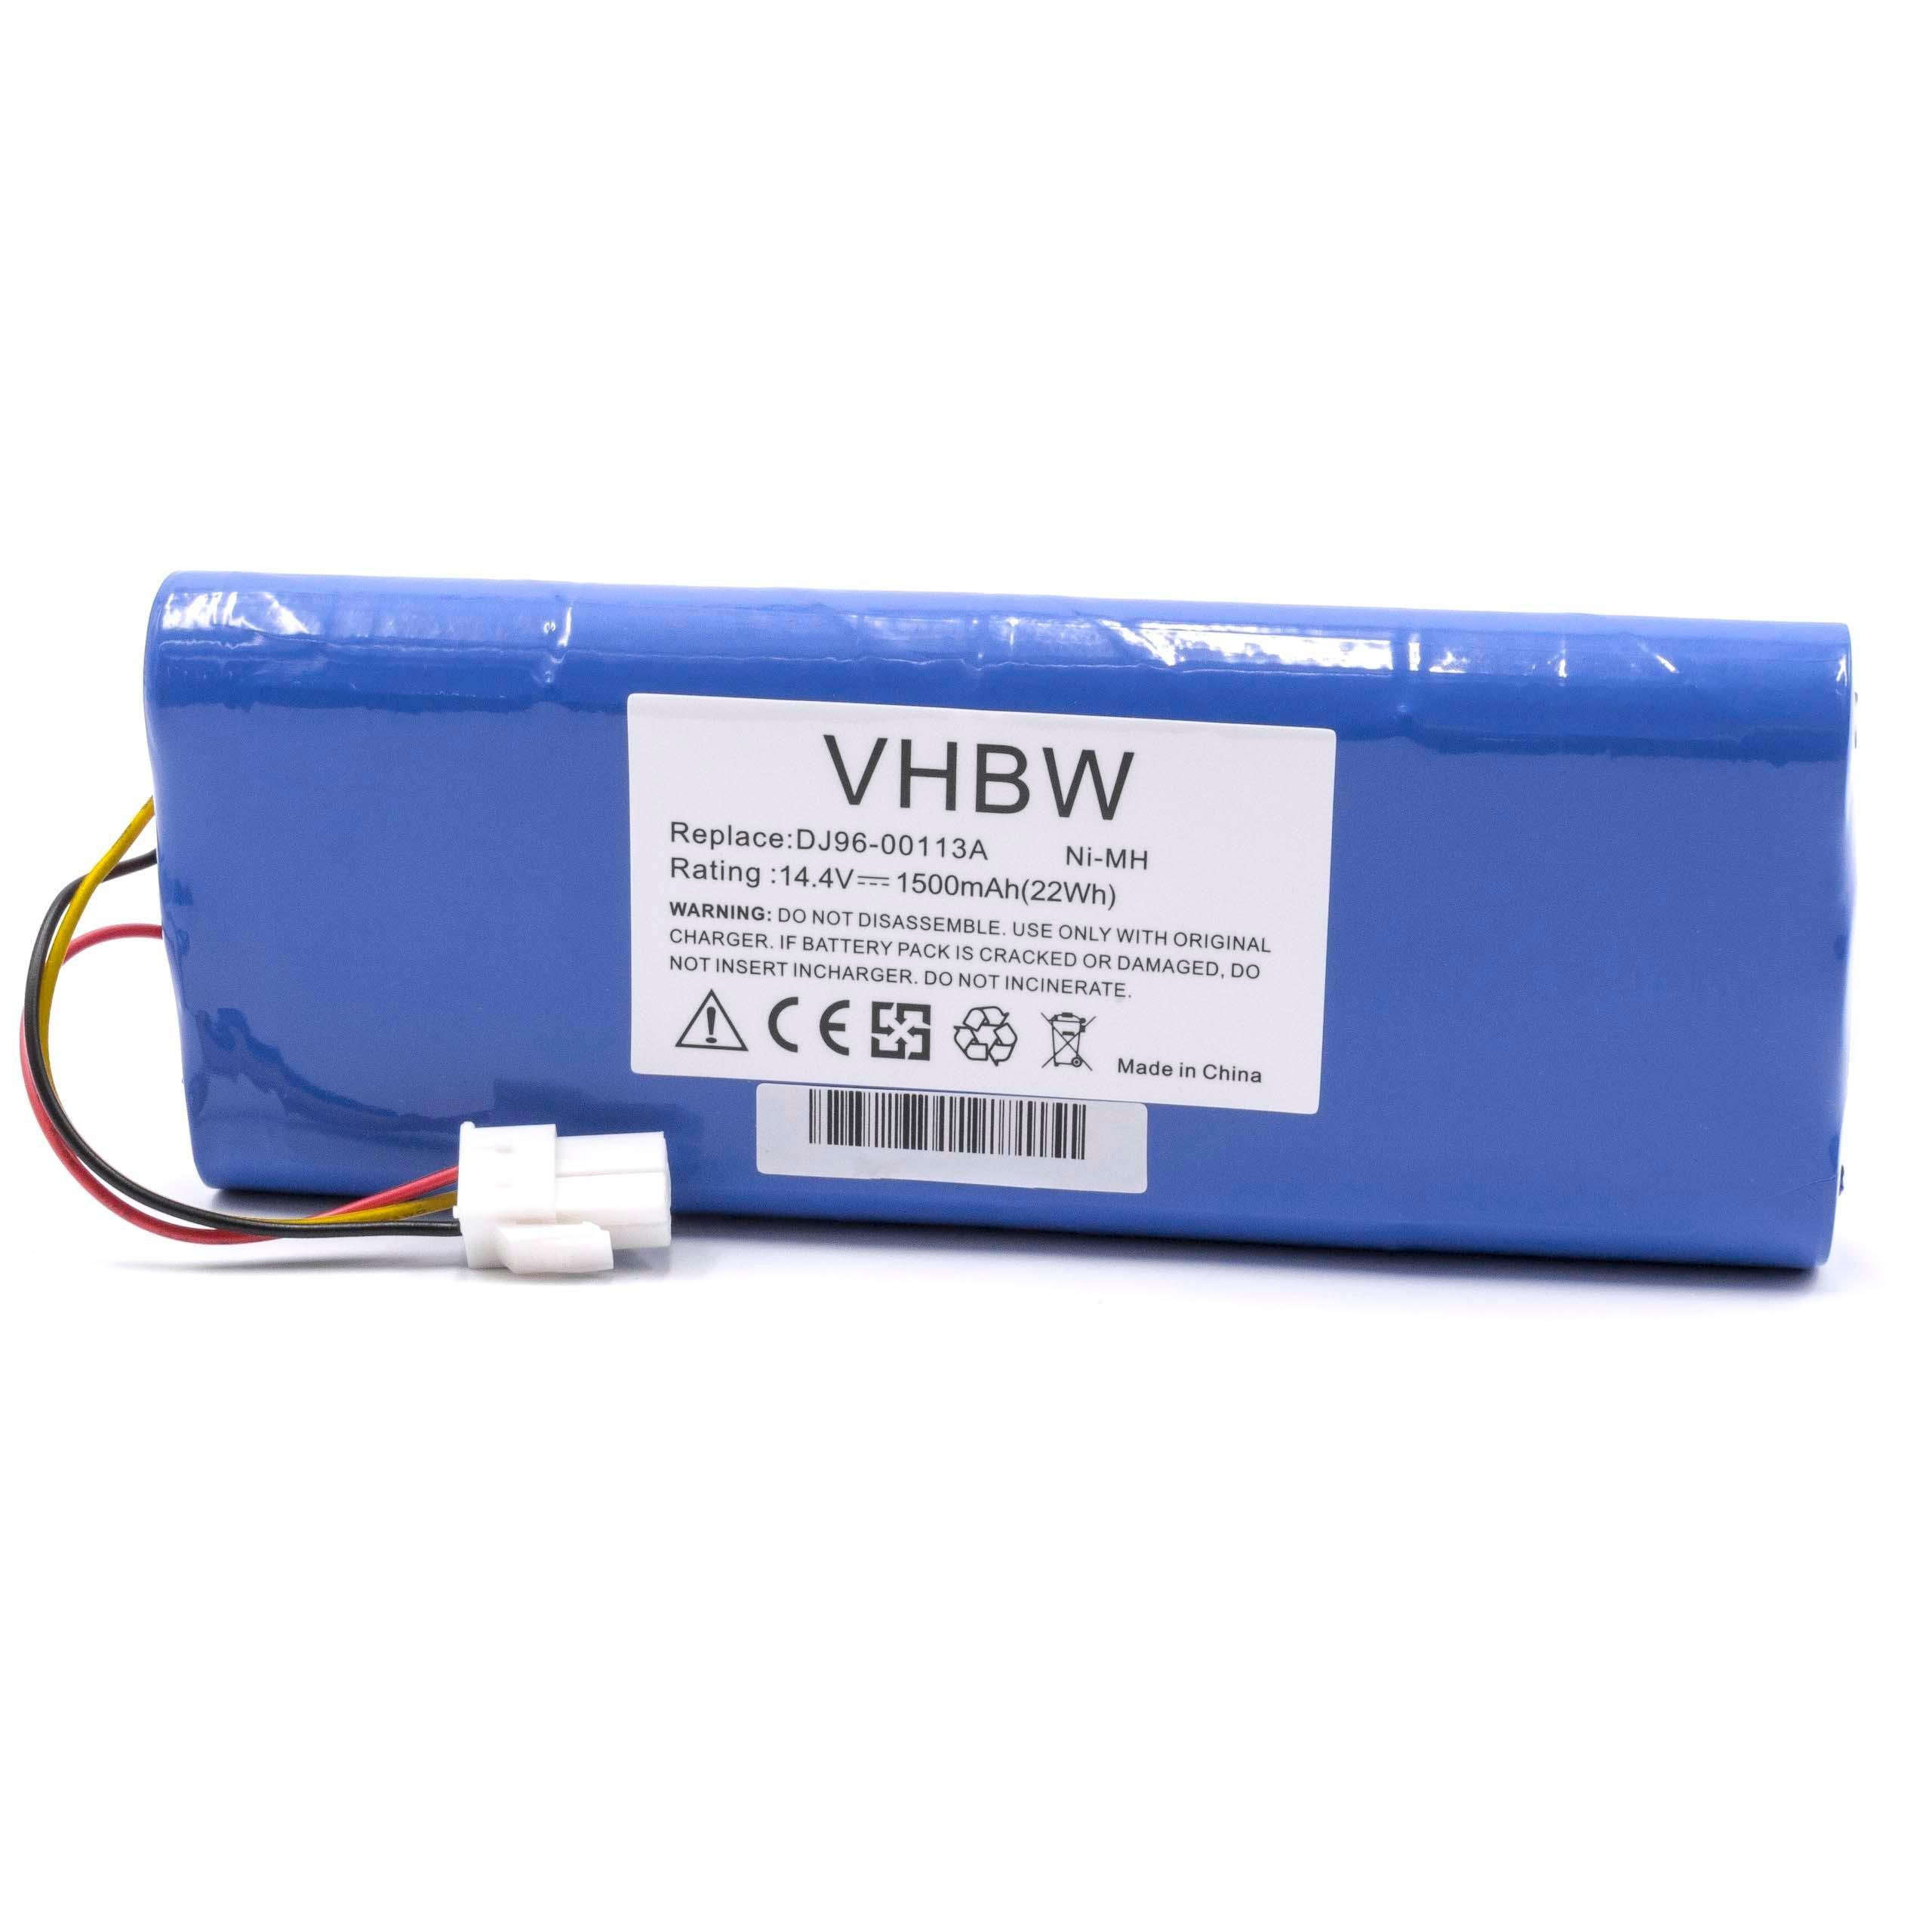 vhbw batería compatible con Samsung Navibot SR9630, VC-RA50VB, VC-RA52V, VC-RA84V, VC-RE70V, VC-RE72V robot autónomo de limpieza 1500mAh, 14.4V, NiMH: Amazon.es: Hogar